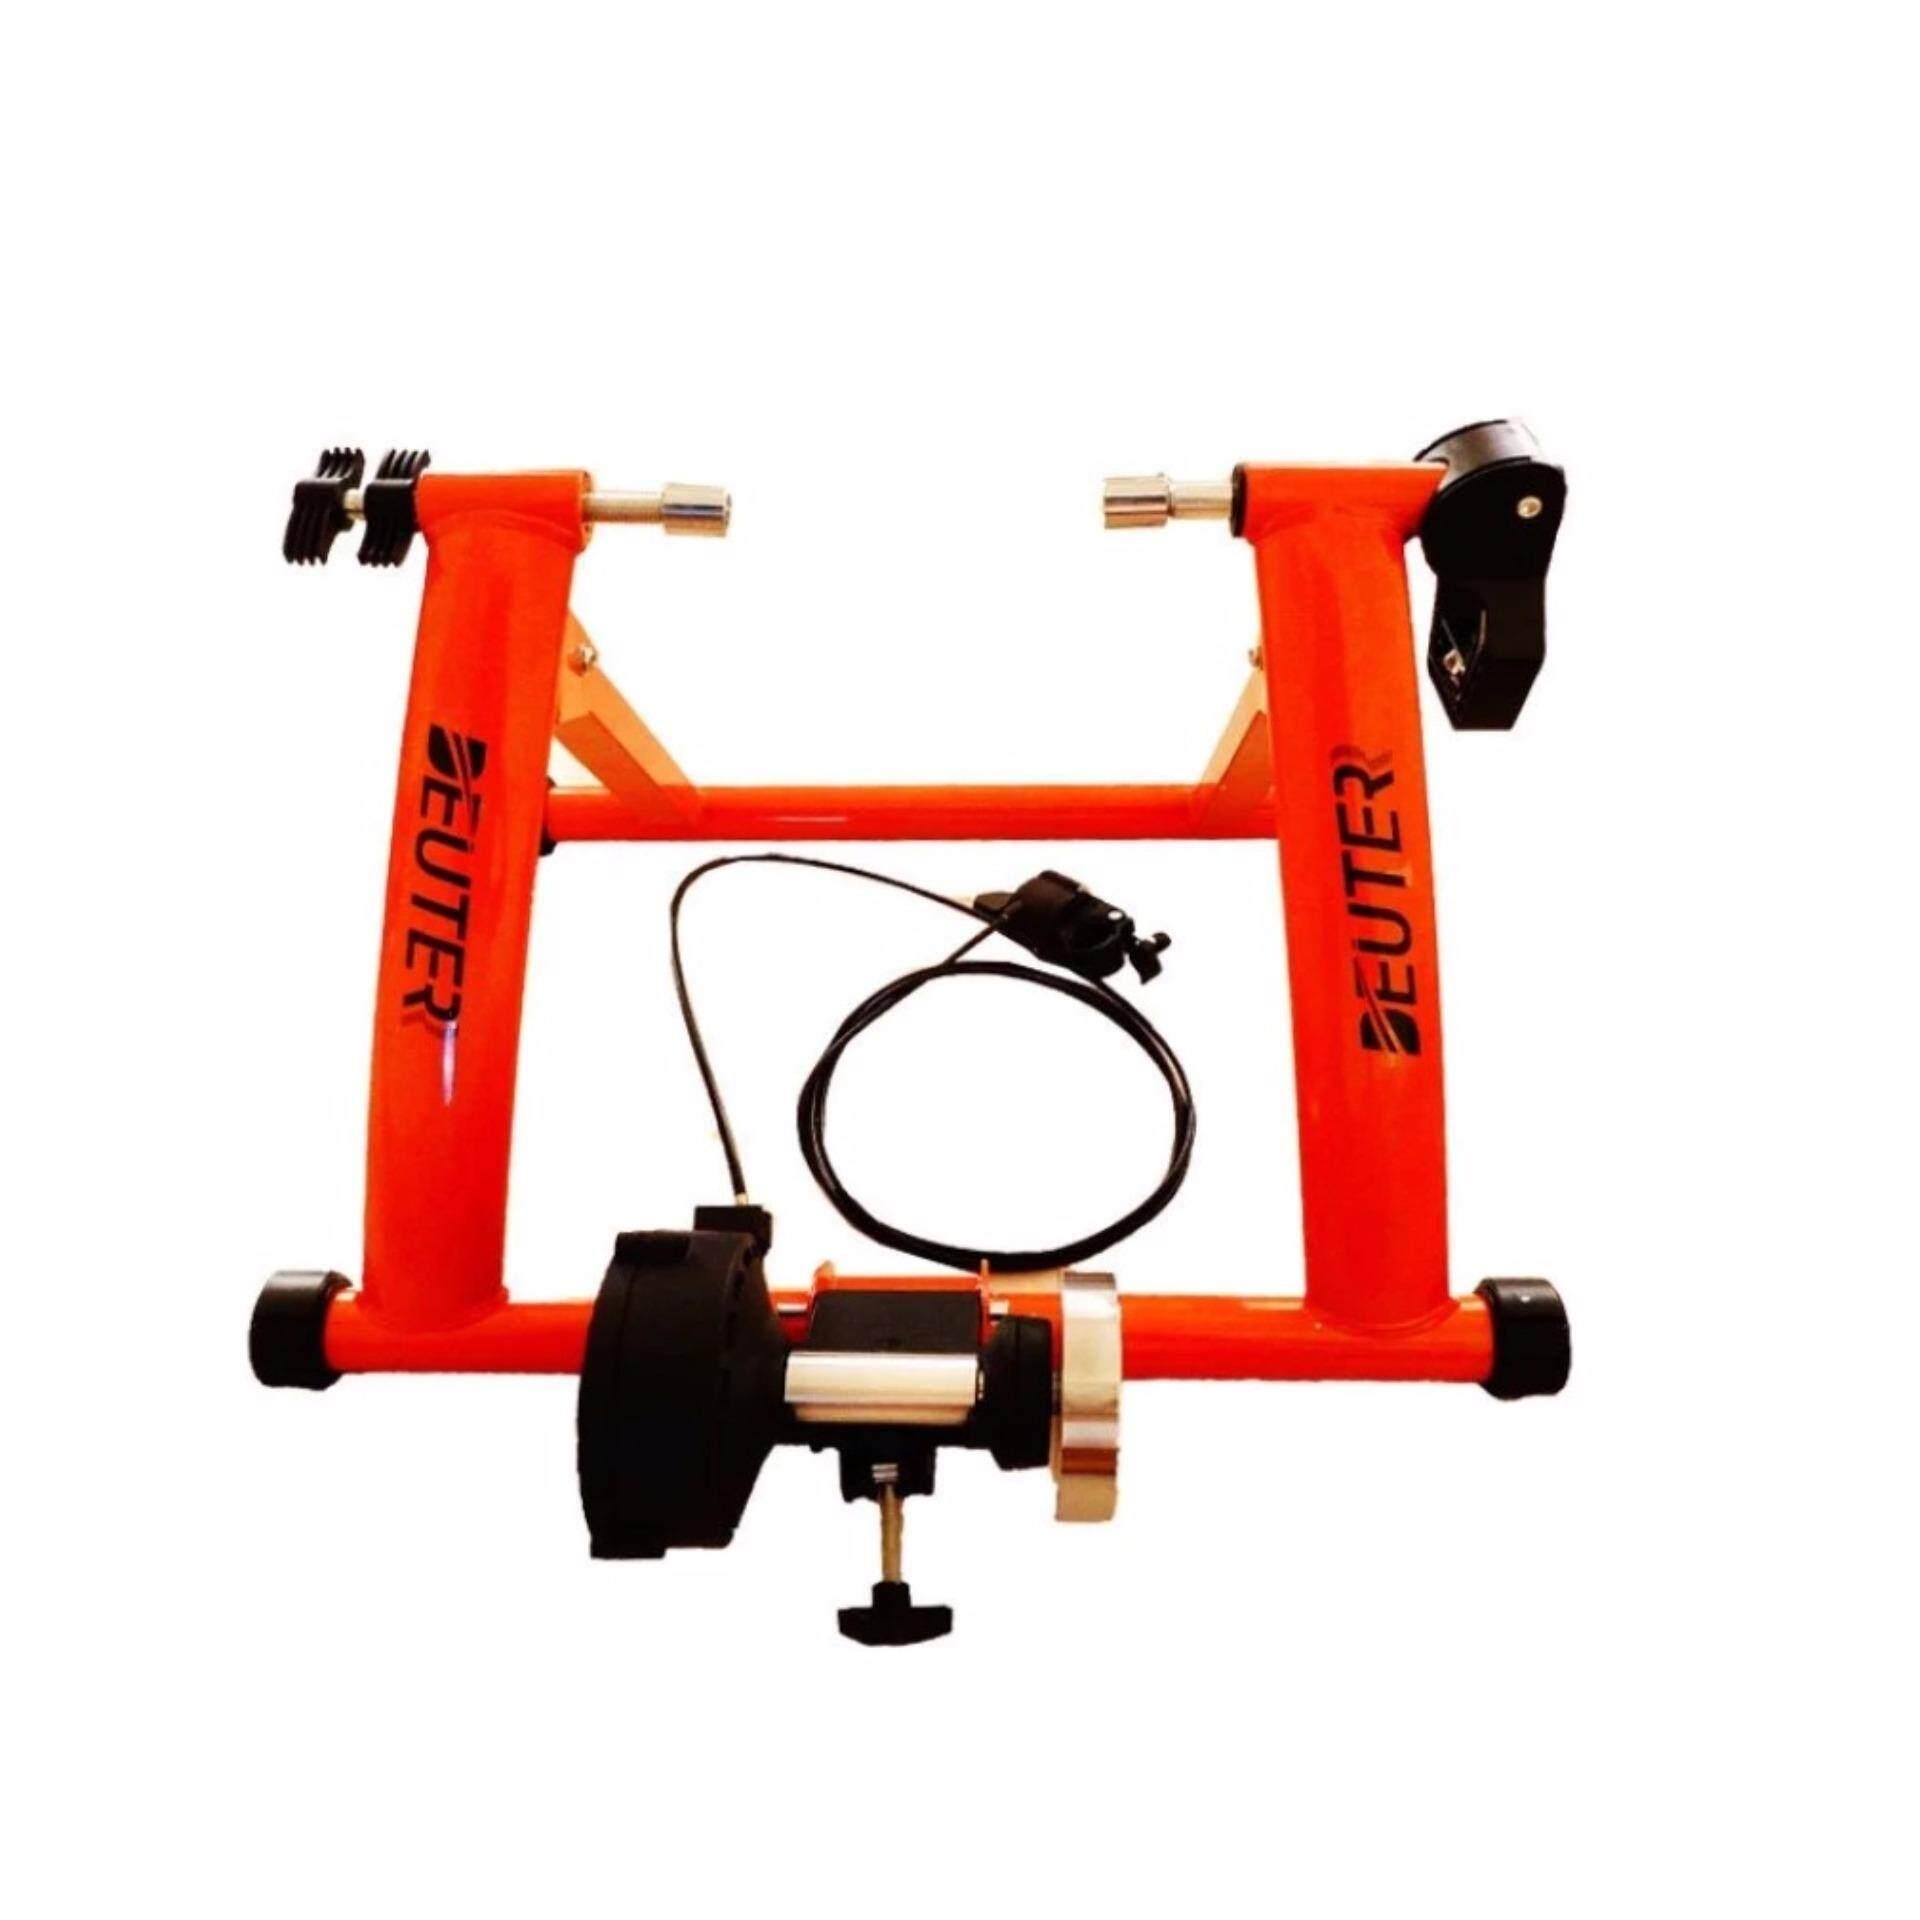 จักรยานออกกำลังกาย  TY รุ่น ty ลดฉลองยอดขายอันดับ4 -70%